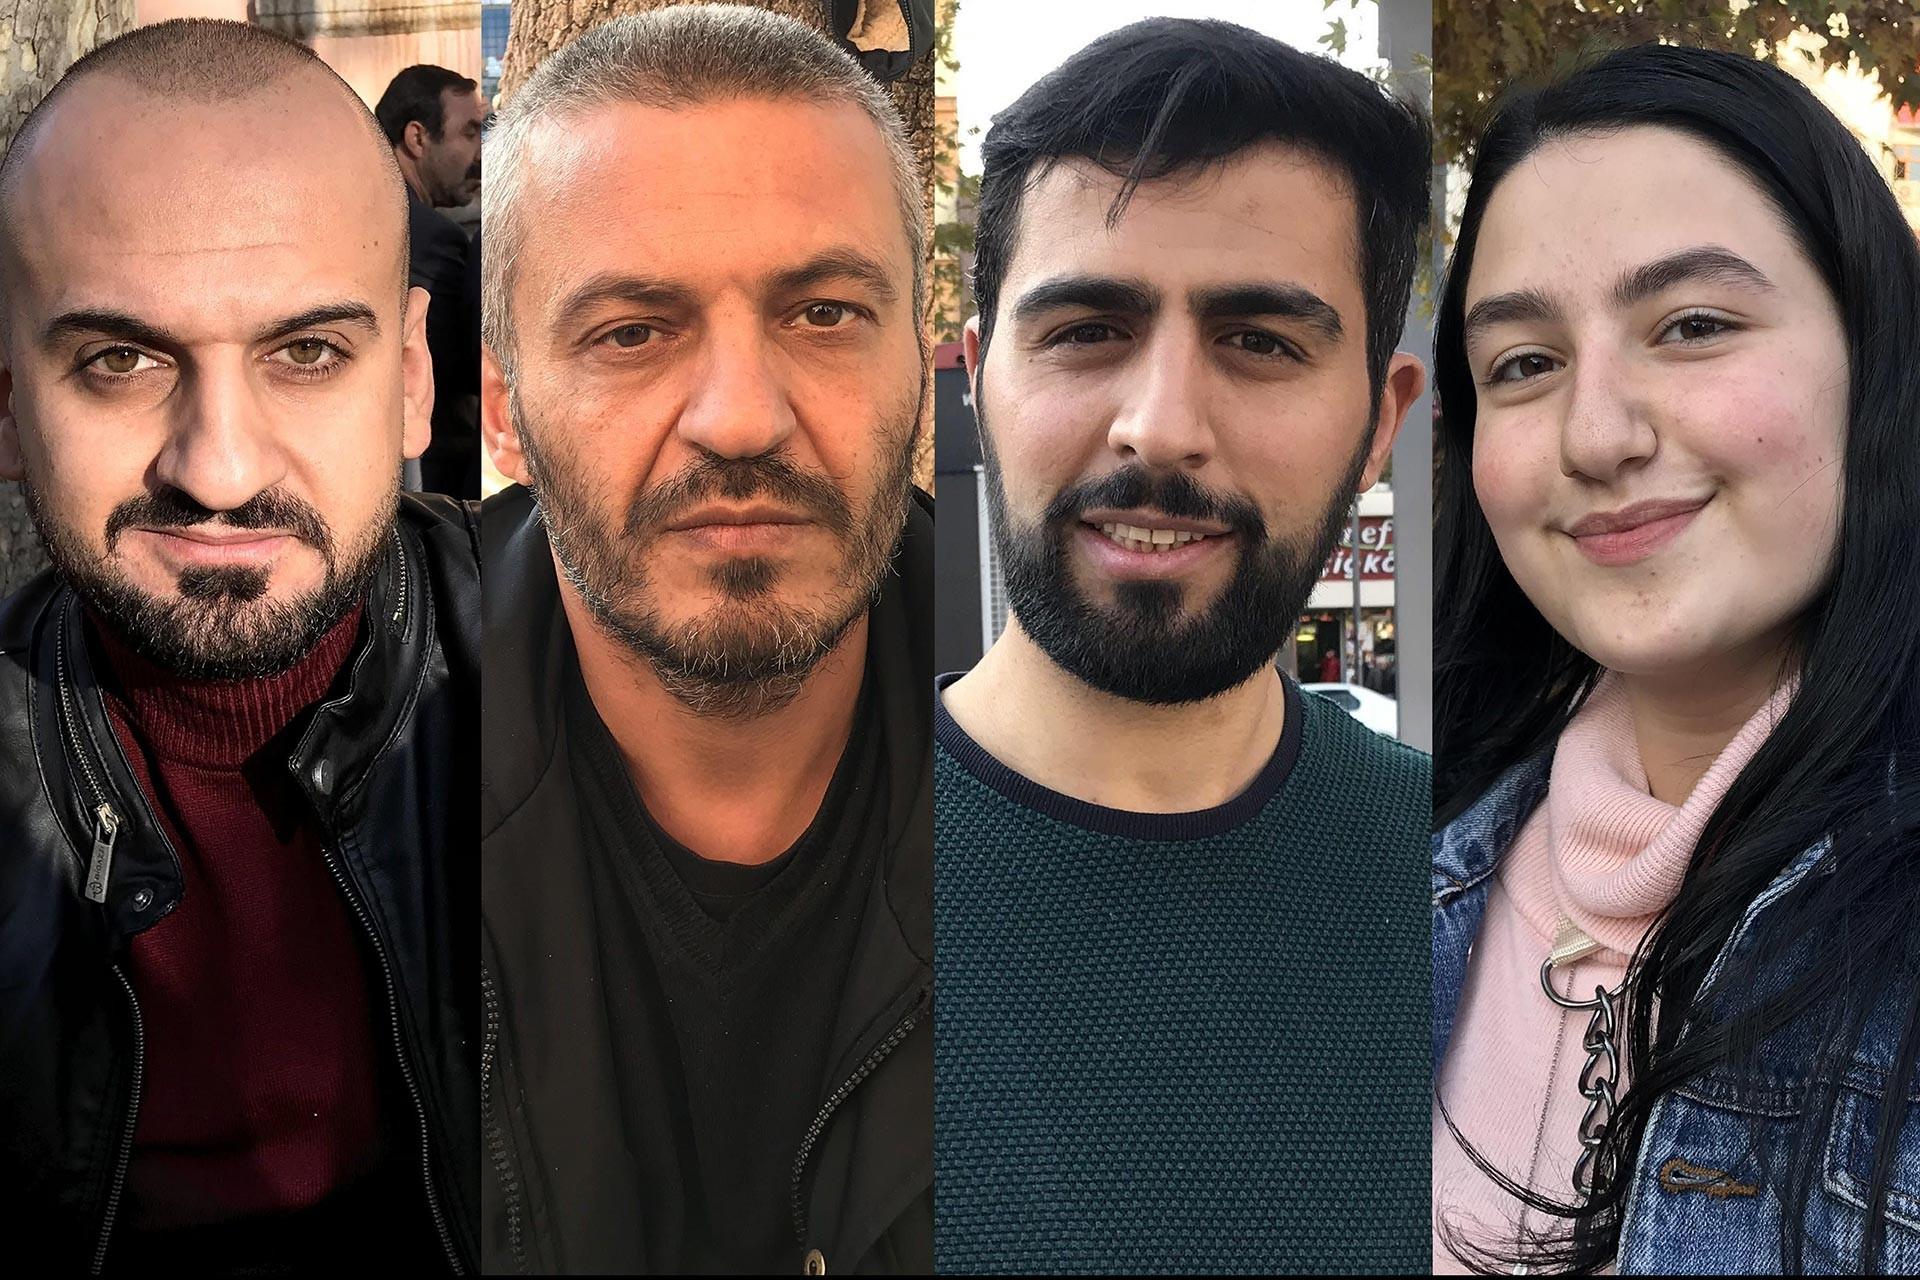 Yılmaz Yıldızhan, Şahin Doğan, Yakup Oruç, Aleyna Haznedar